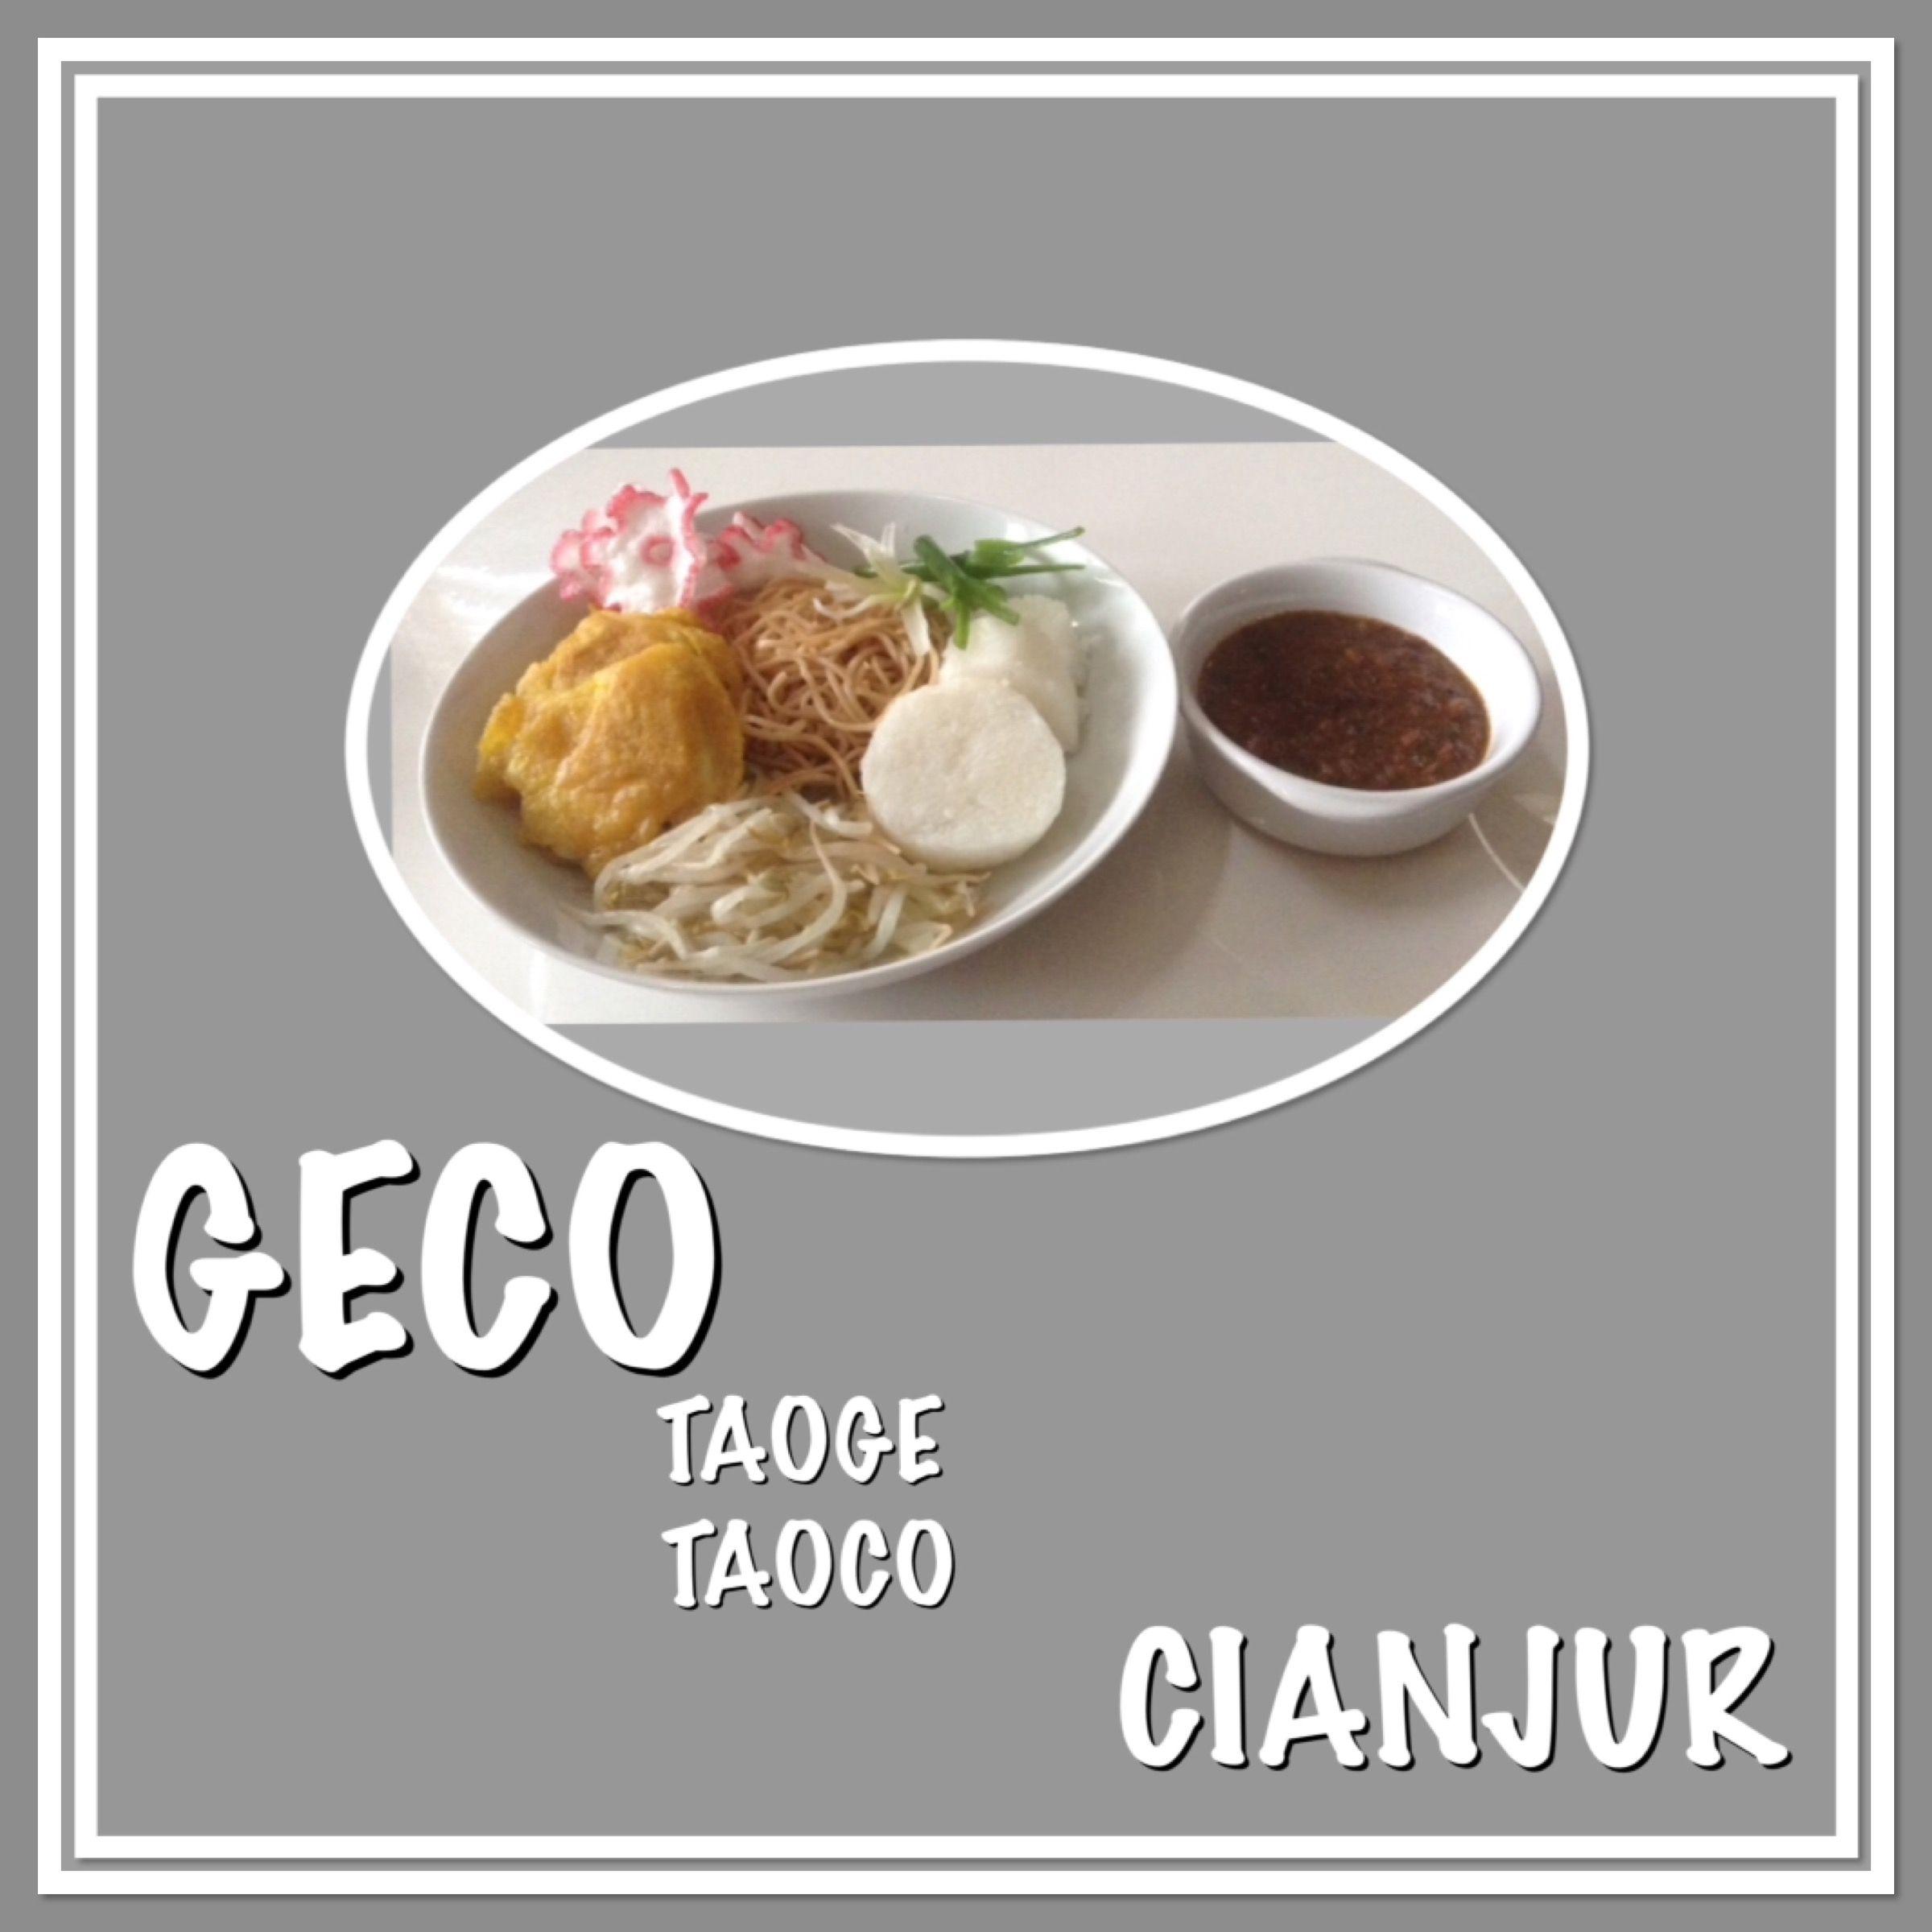 Geco Cianjur Tauge Tauco Indonesian Food Food Cianjur